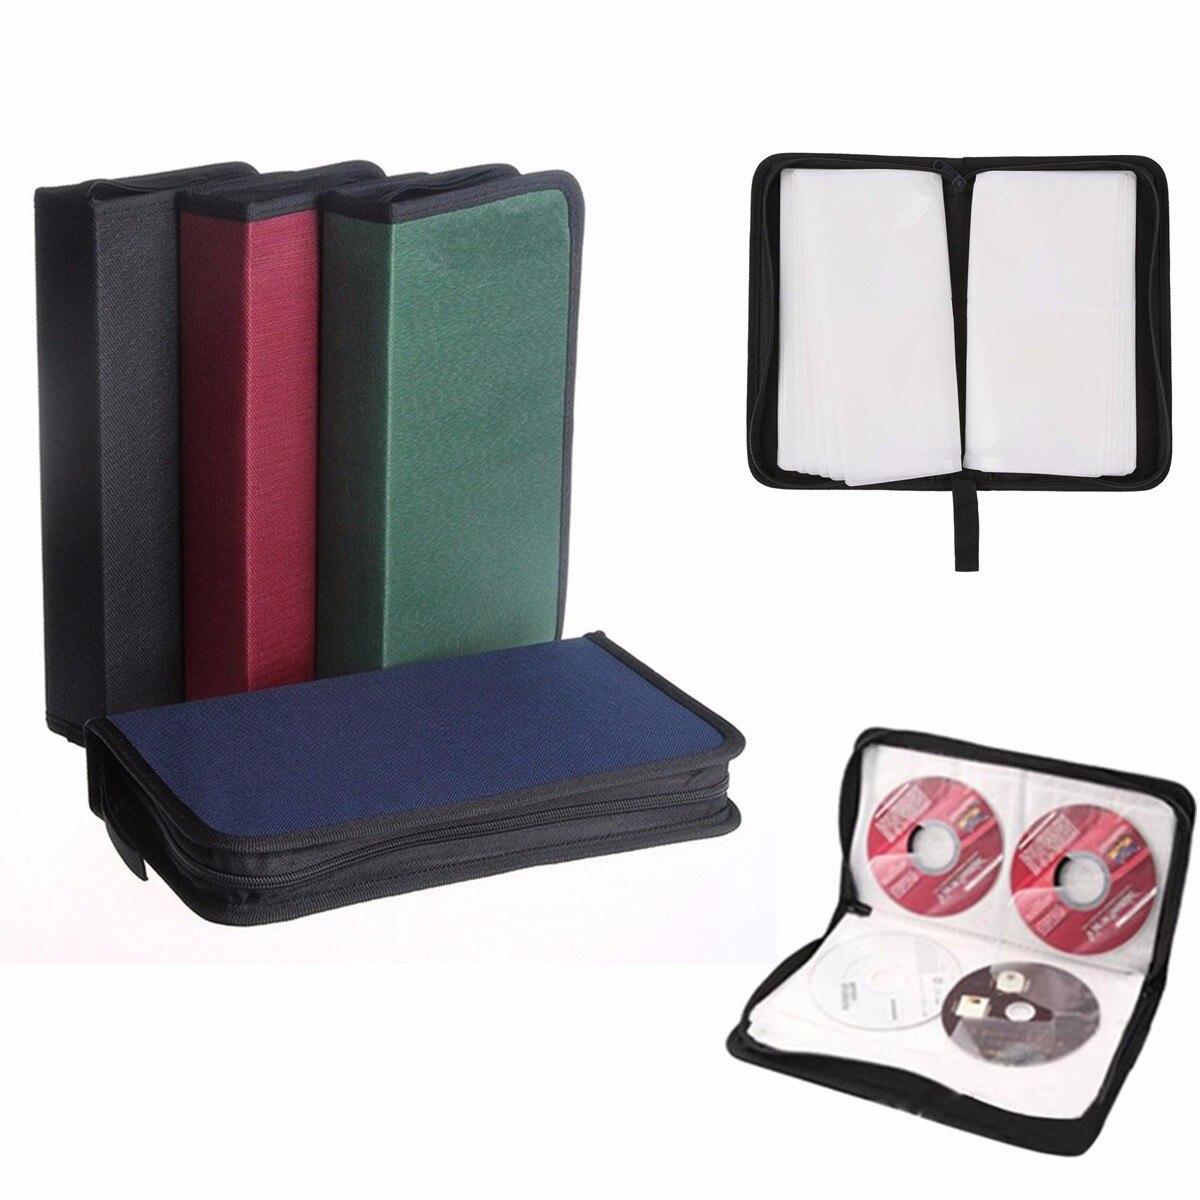 80 disco Carry Pacote de Saco de Armazenamento De Carro Titular Caixa Caso Álbum CD DVD Organizador Tampa de Proteção Material de Casa